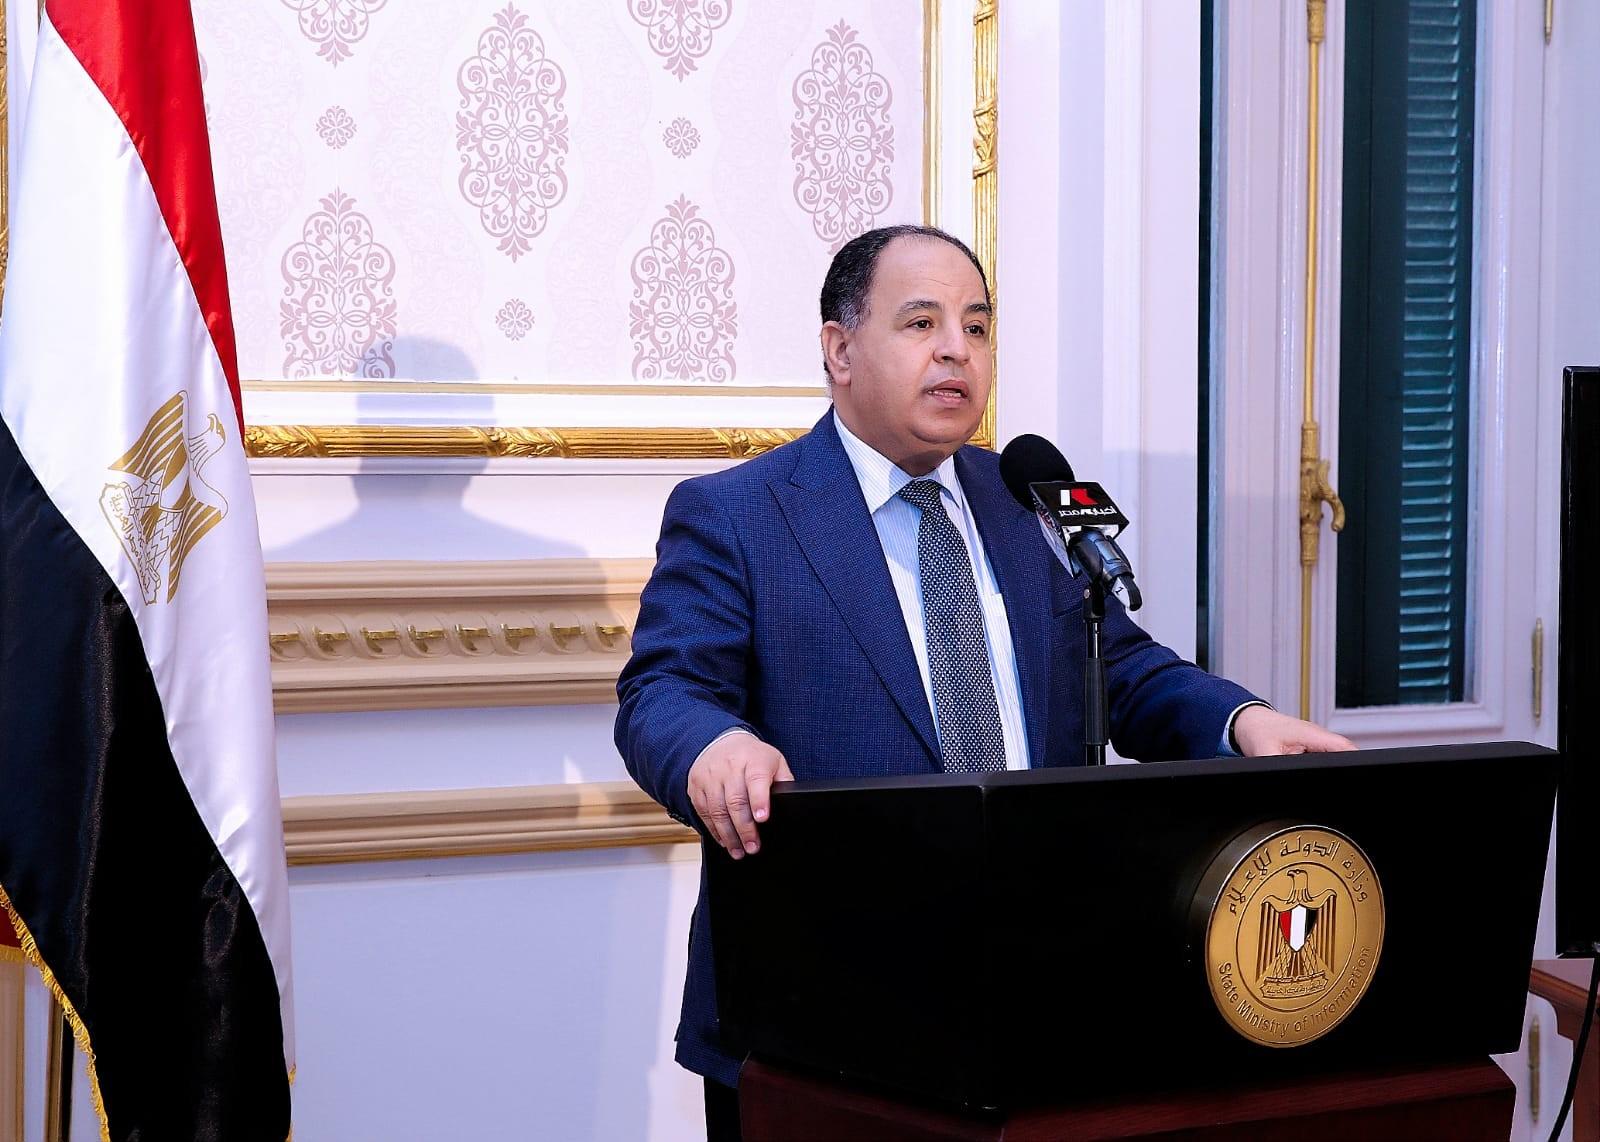 وفق إجراءات احترازية.. وزير المالية: حريصون على استمرار الإنتاج والتصدير